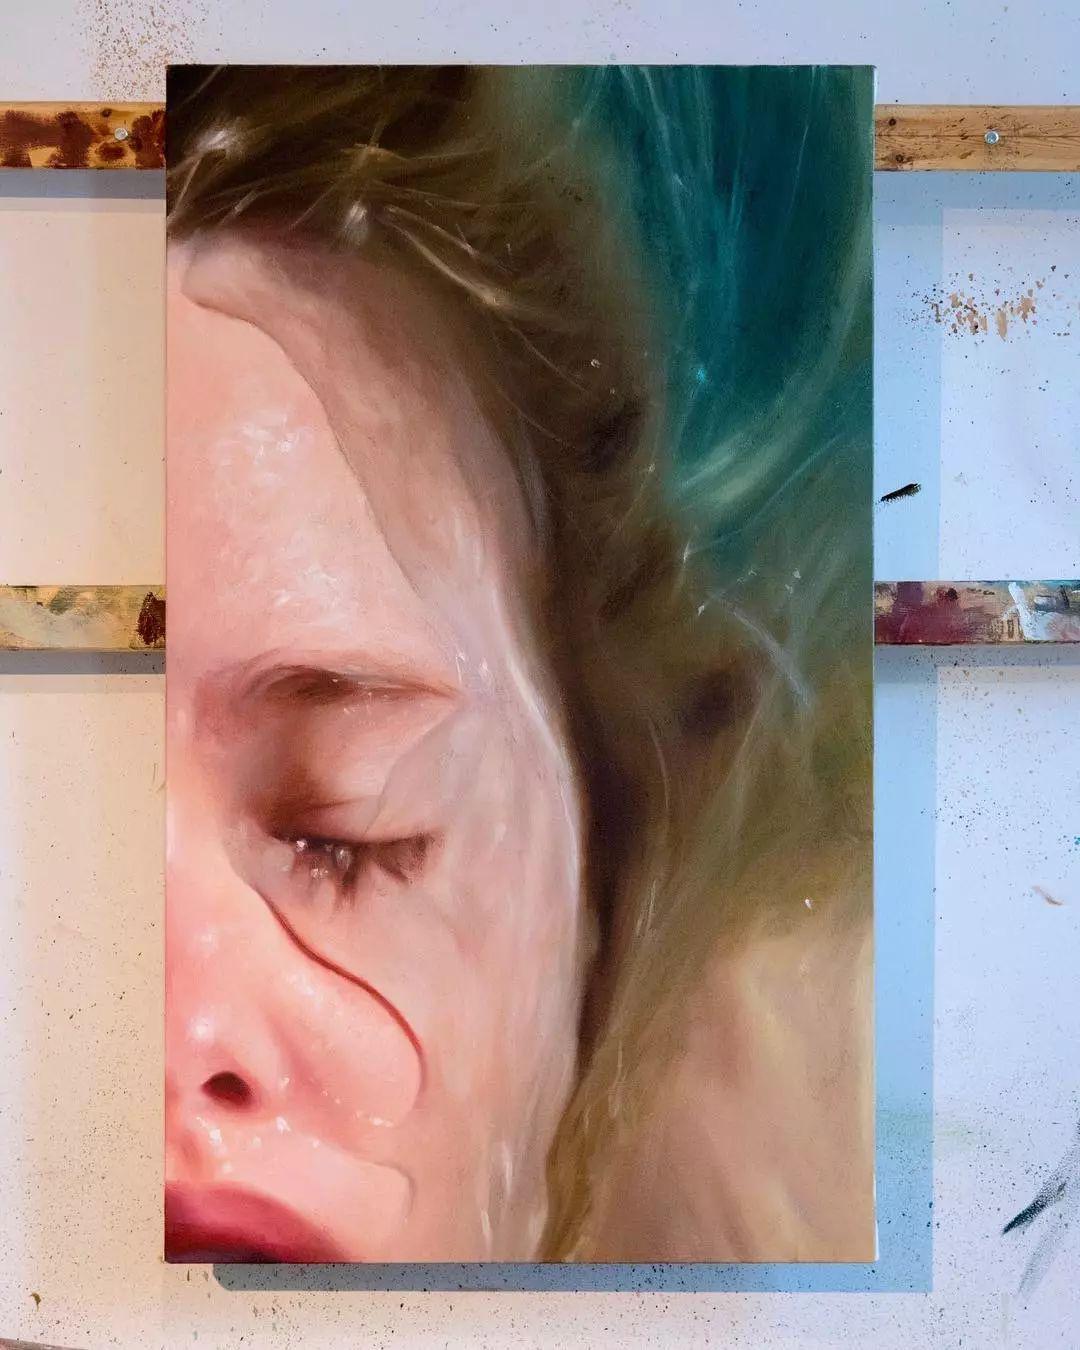 炎炎夏日90后美女画家,不拼颜值拼画功,绘出水下美女淋漓细节插图24